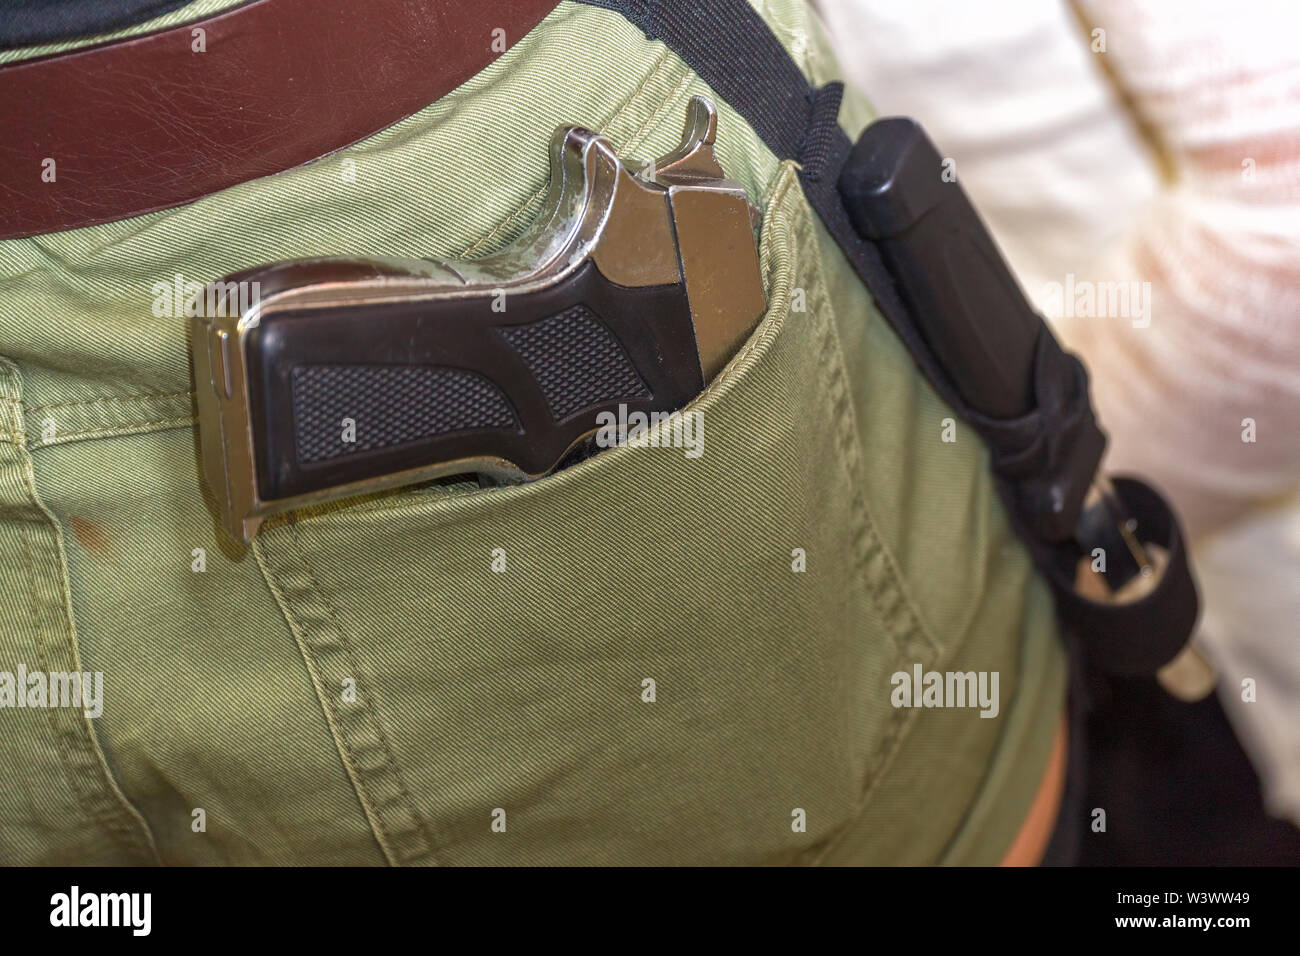 Pistolet dans la poche arrière du pantalon verdâtre Photo Stock